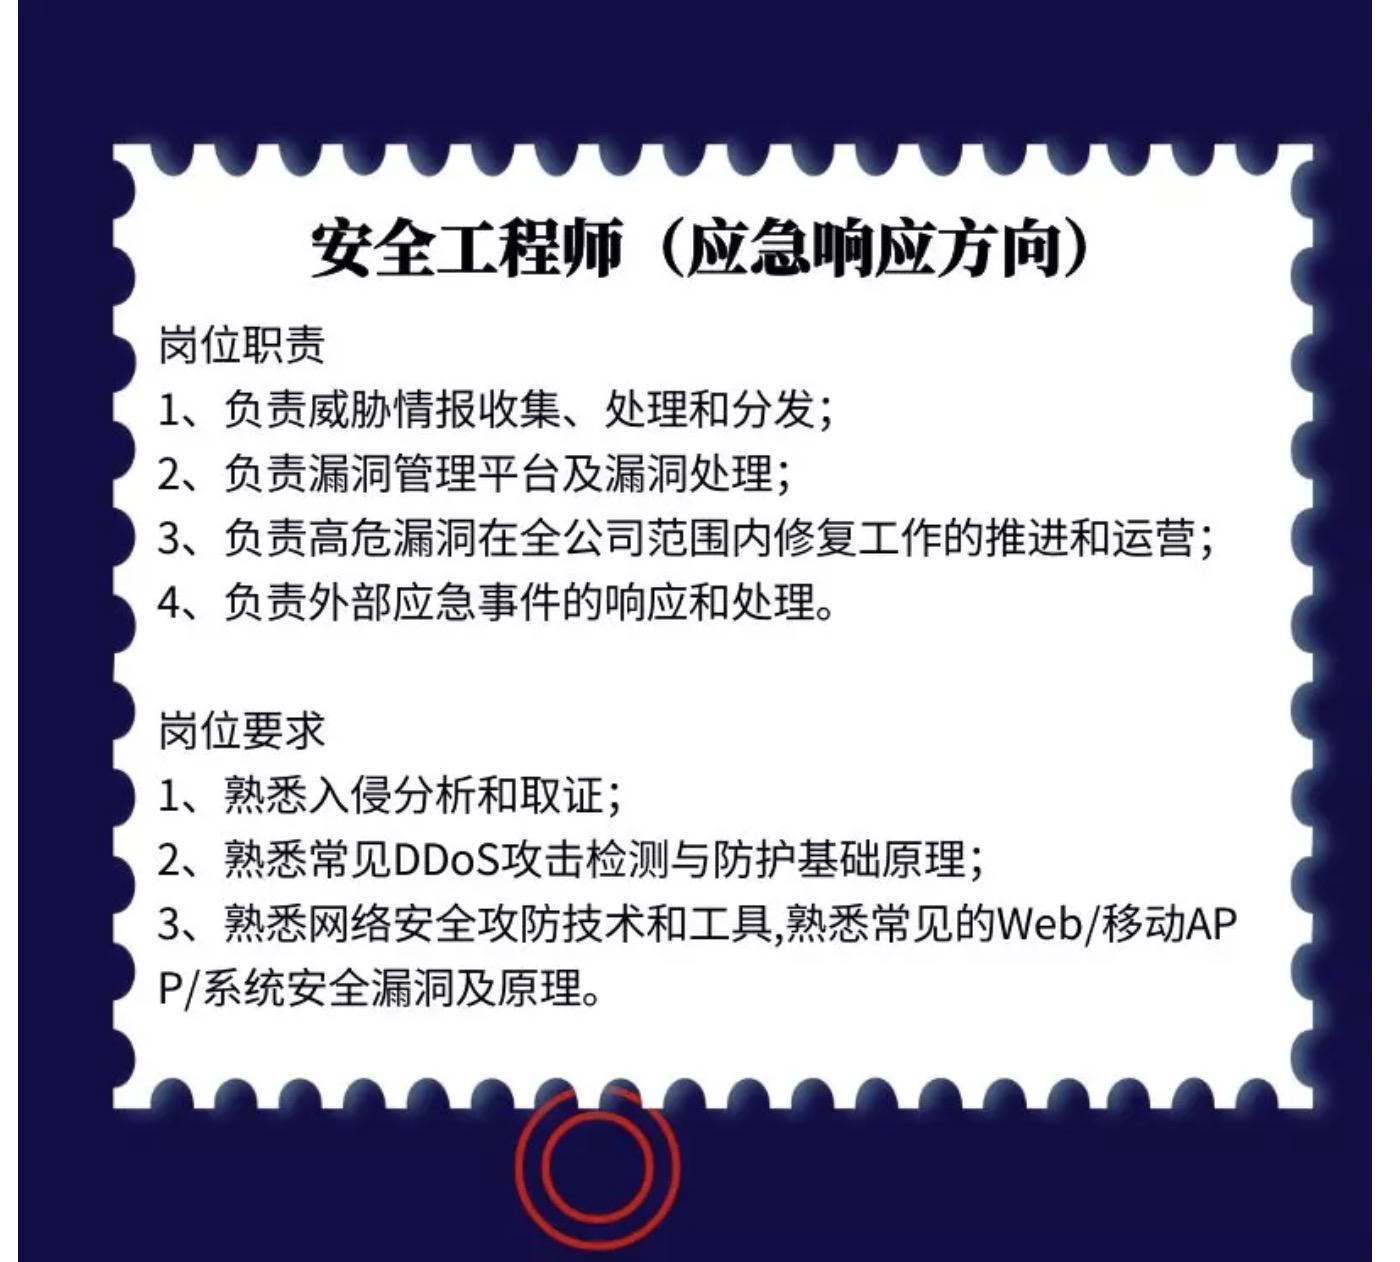 https://momo-mmsrc.oss-cn-hangzhou.aliyuncs.com/img-12f52217-1e67-32d1-bb60-827181f82e66.jpeg